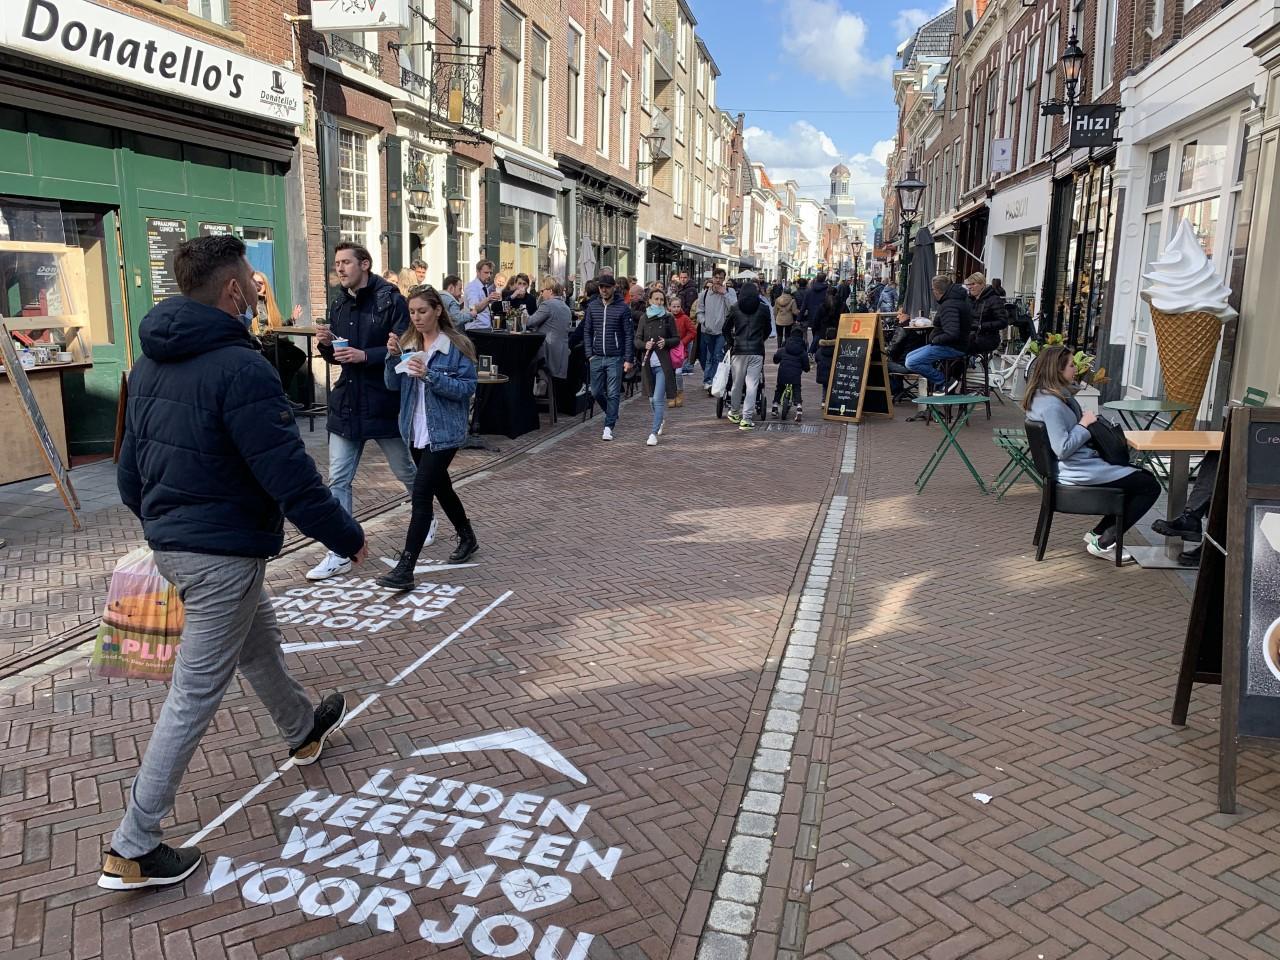 Ouderwets drukke zaterdagmiddag in Leidse binnenstad: 'Je ziet dat de mensen hier weer aan toe zijn'